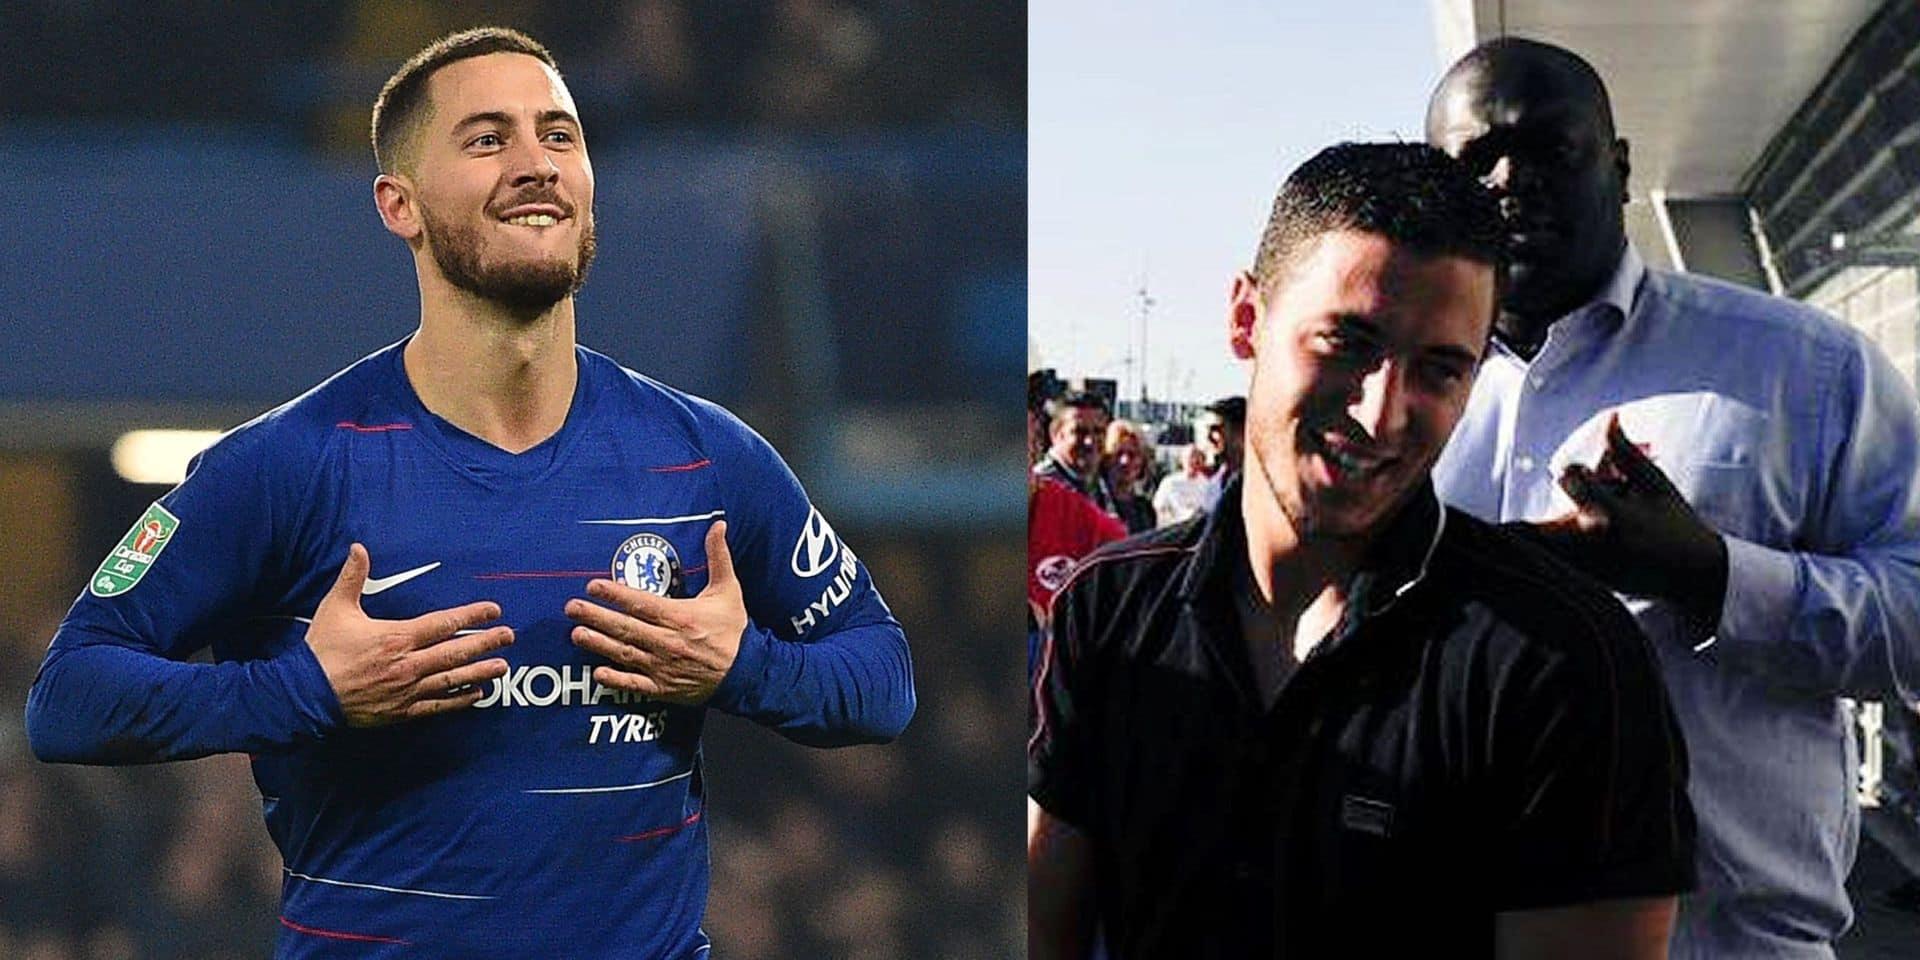 """John Bico, l'ancien agent d'Hazard: """"Si Modric et Bale restaient, Eden allait à Tottenham"""""""